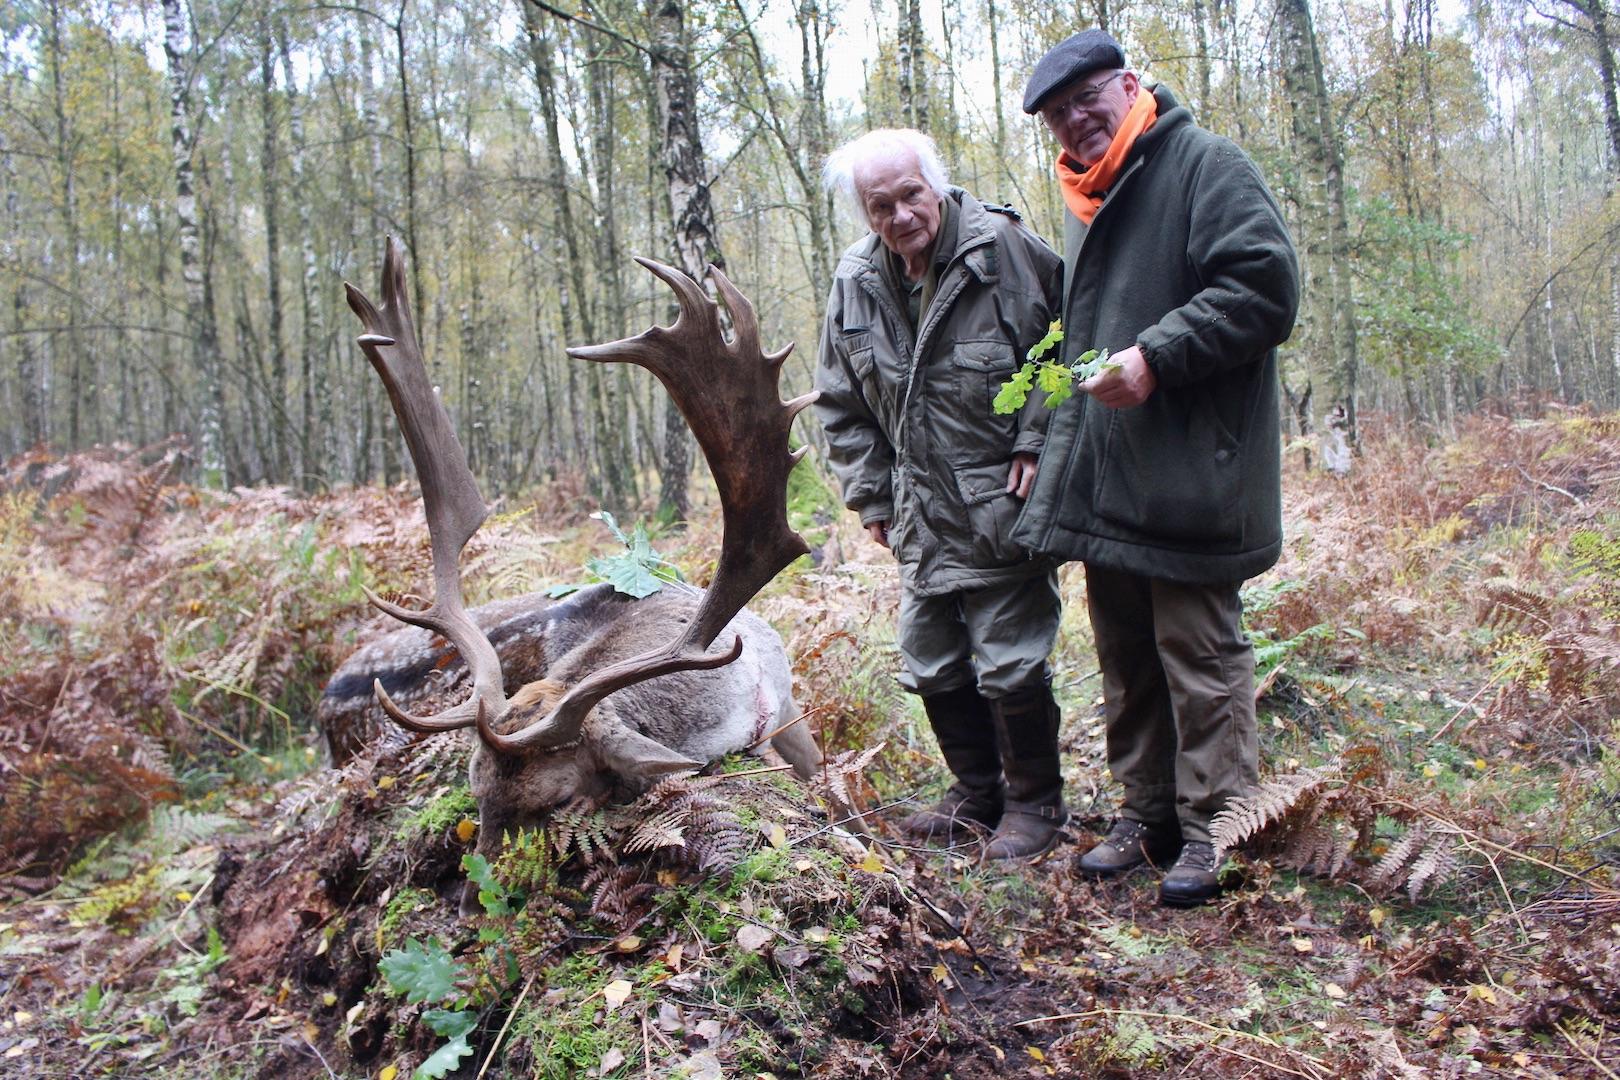 4-burhenne-21.10.2016-3-jagd-jagen-jaeger-jaegermagazin-wilddiebe-damwildbrunft-damhirsch